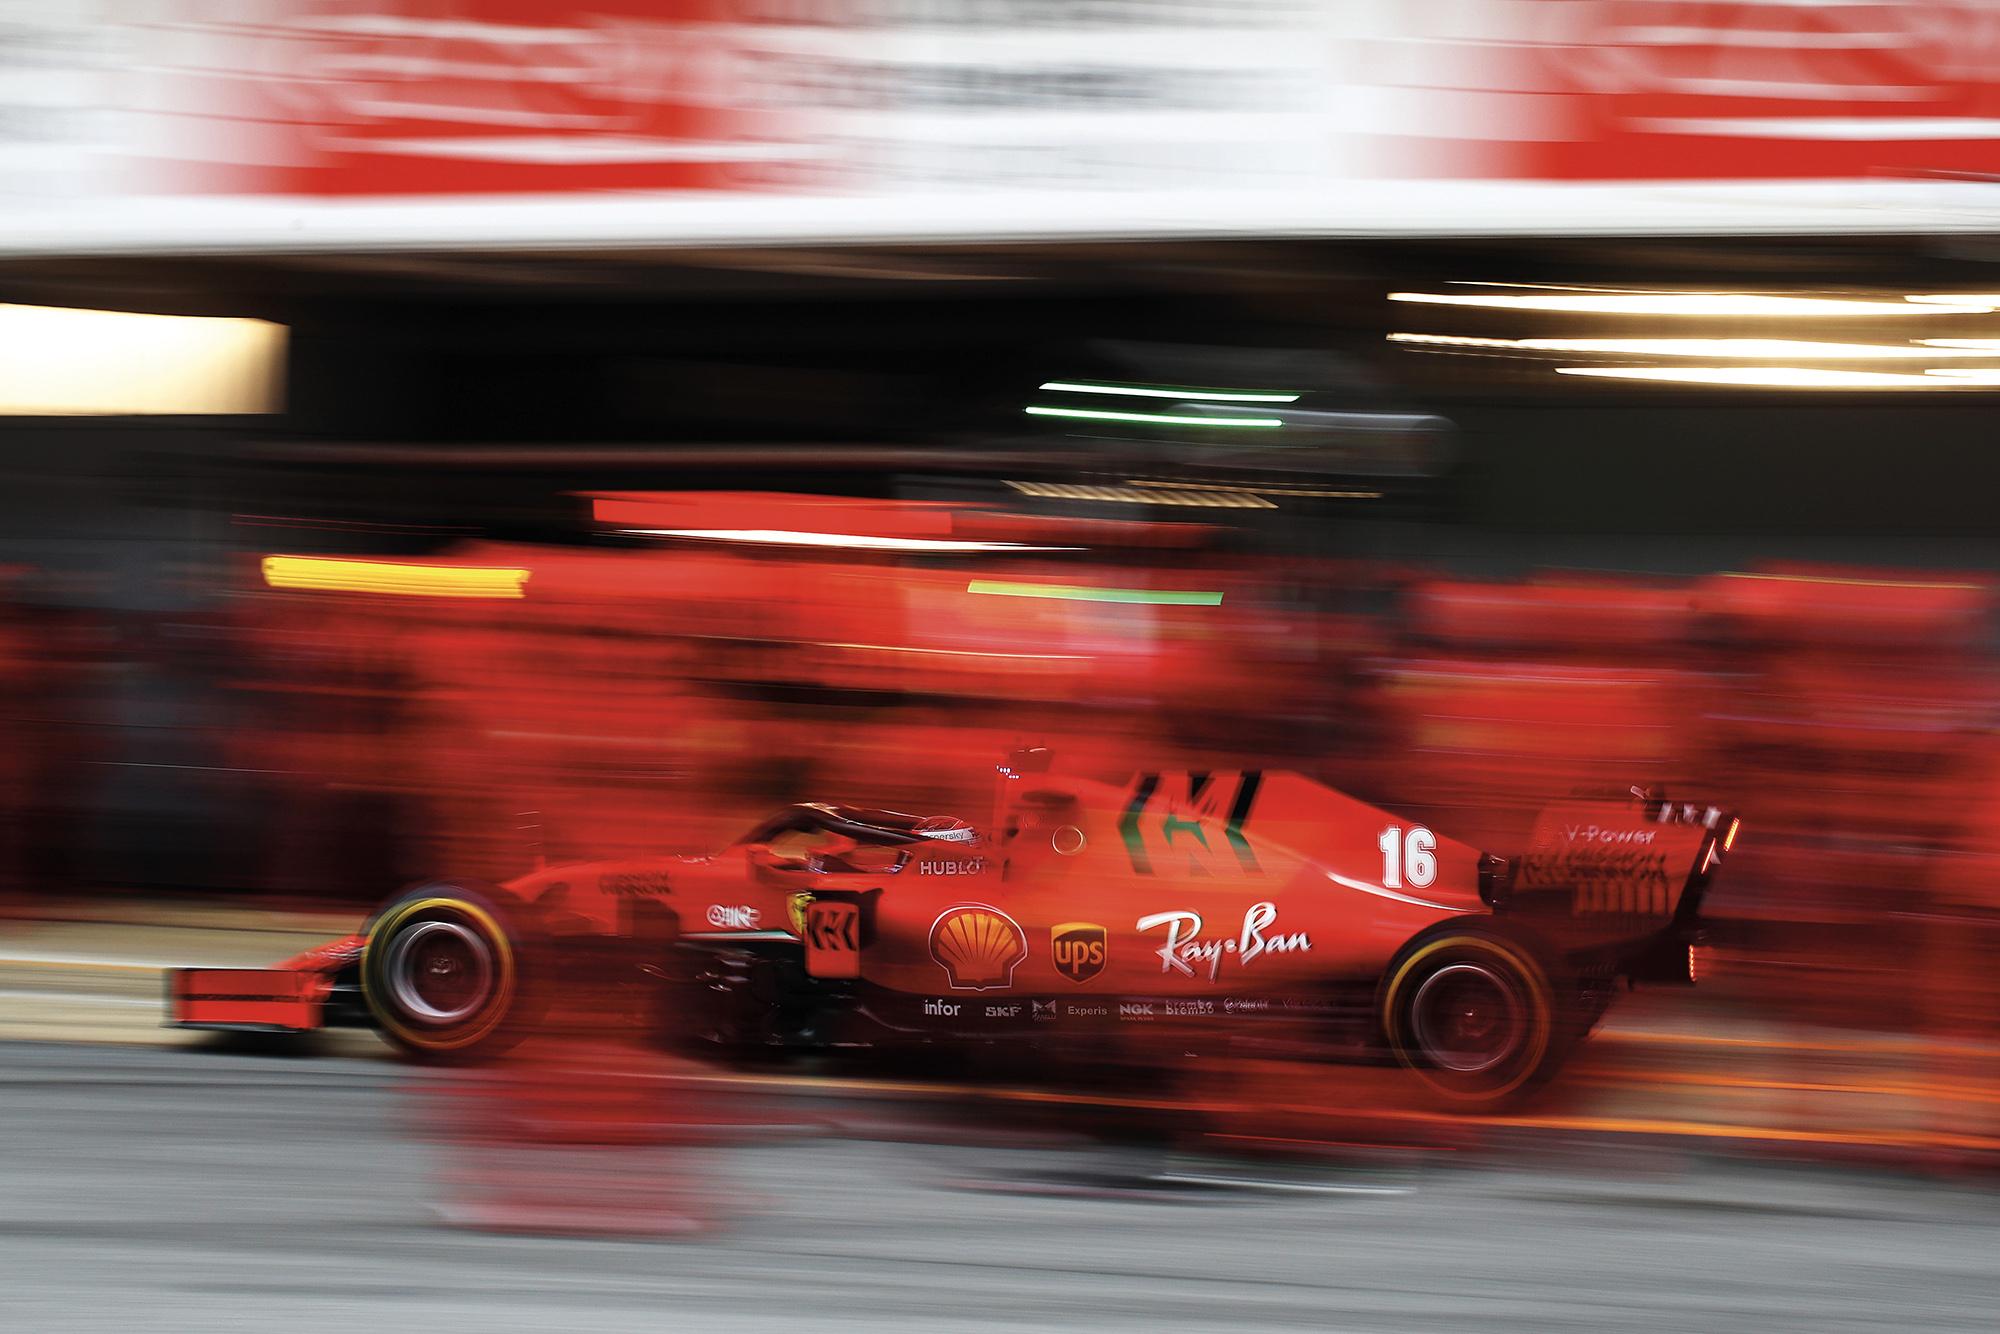 Ferrari blurred